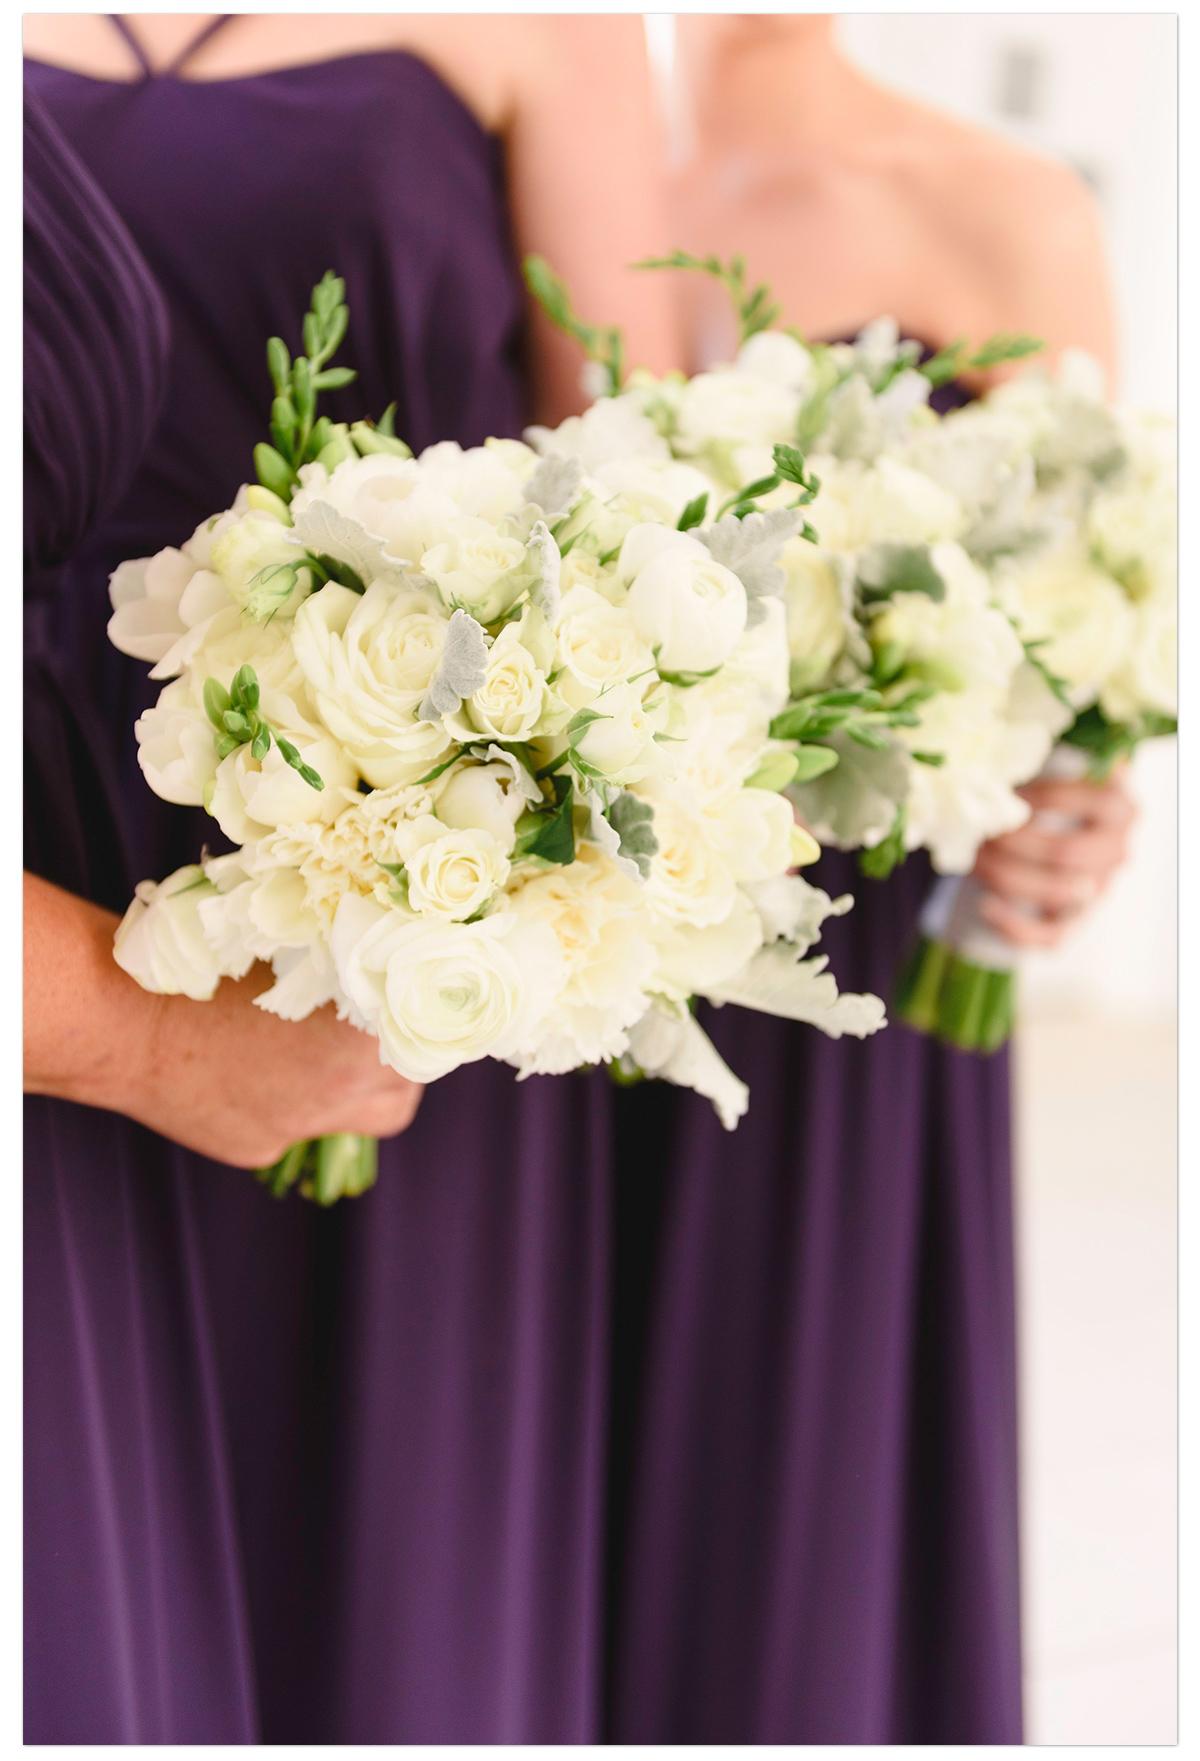 white_wedding_bouquet